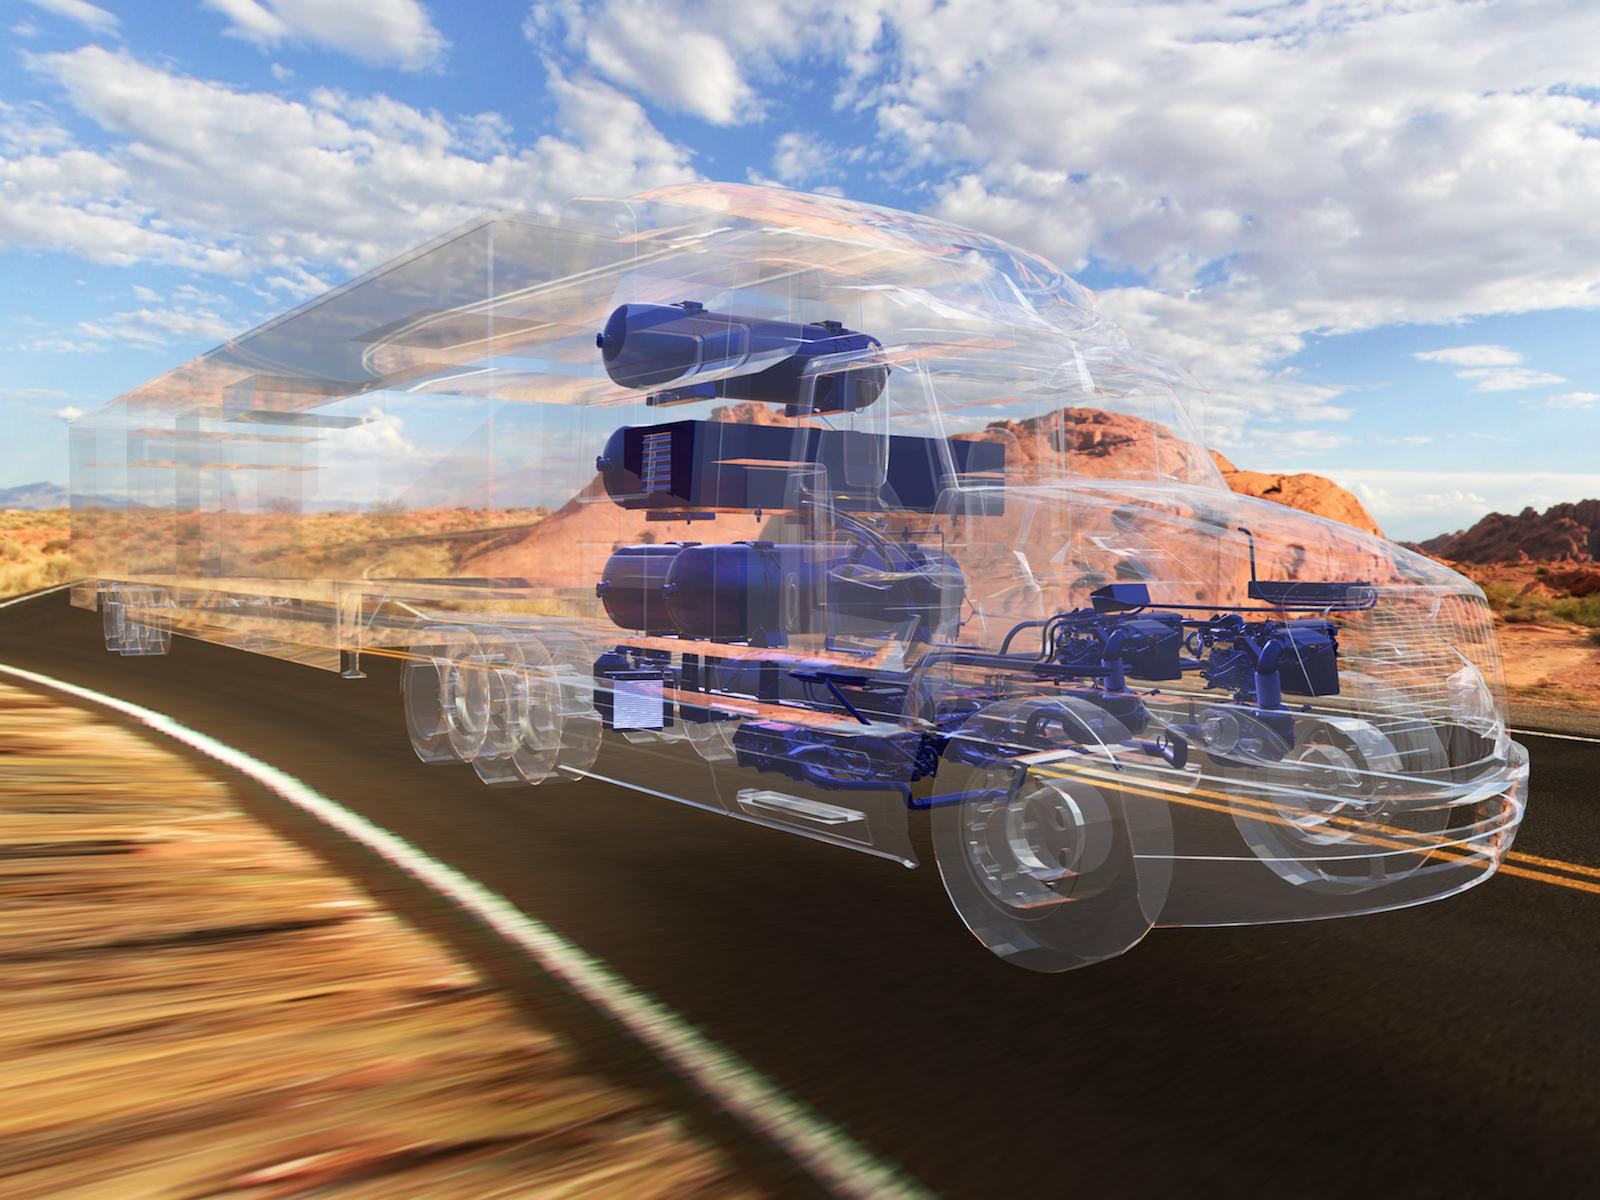 In dem Truck kommen zwei Brennstoffzellenstacks aus Toyotas Wasserstoff-Limousine Mirai zum Einsatz. Sie sind an eine Lithium-Ionen-Batterie gekoppelt, die über 12 kWh Speicherkapazität verfügt.